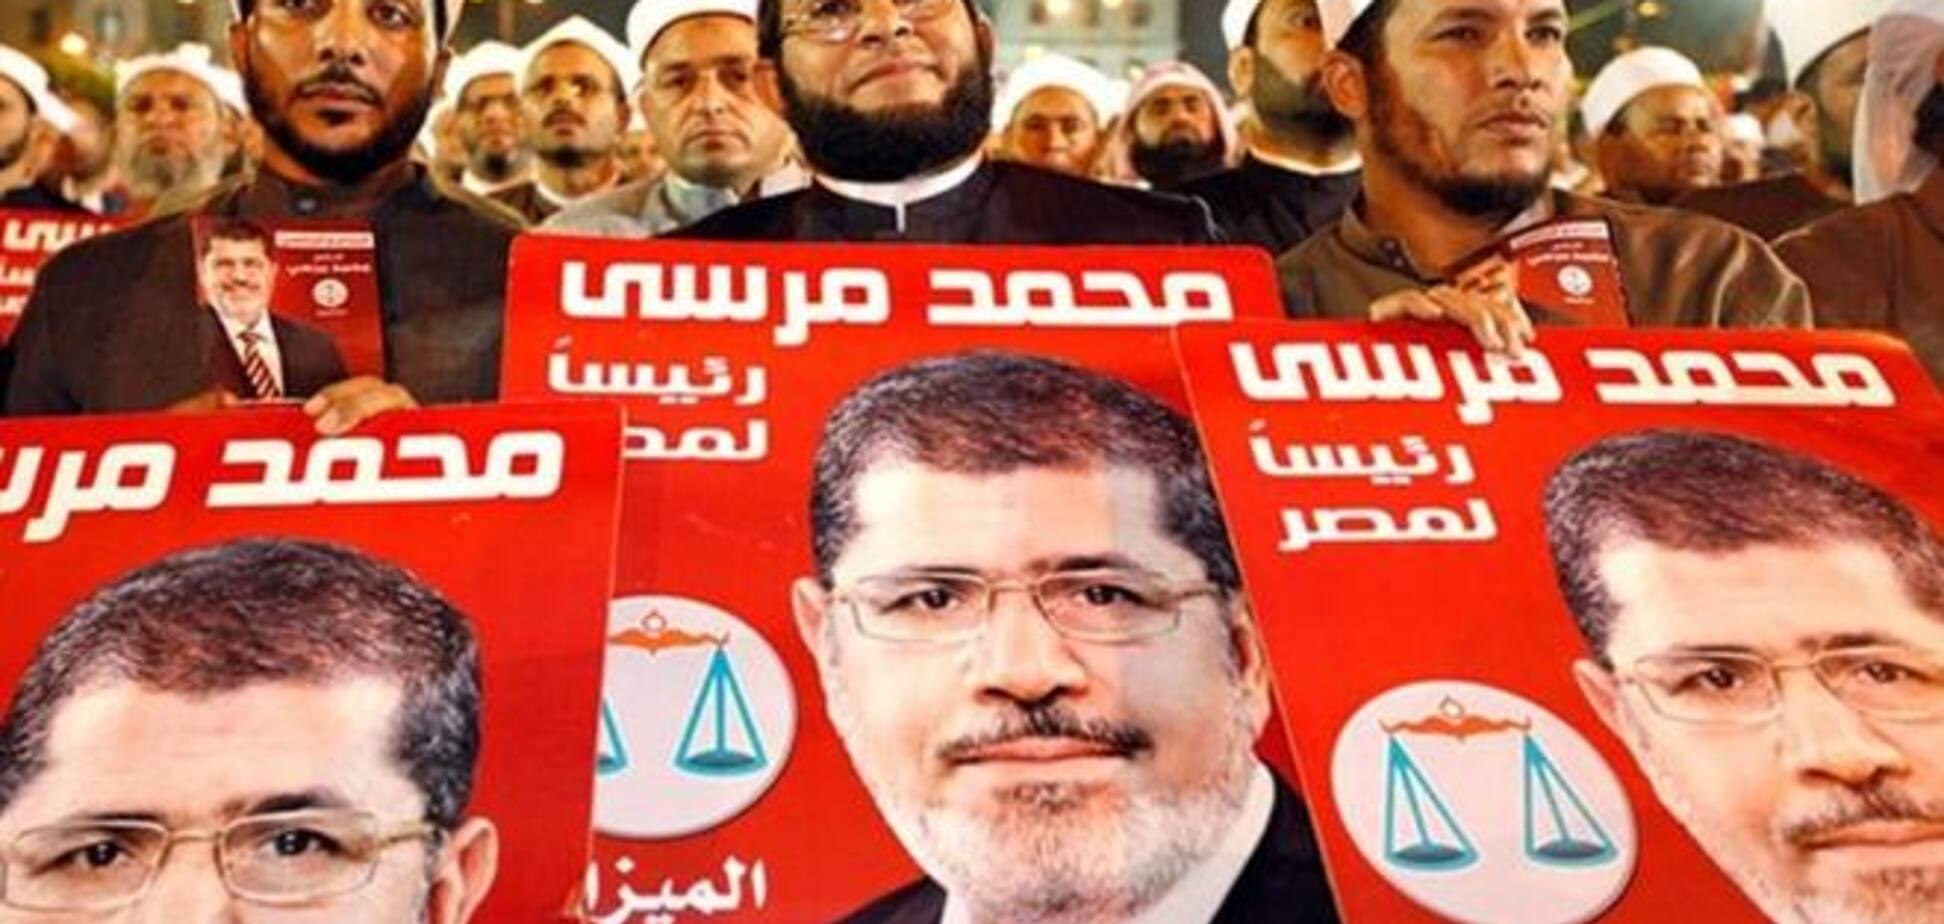 У Єгипті 11 активістів 'Братів-мусульман' отримали довічні терміни